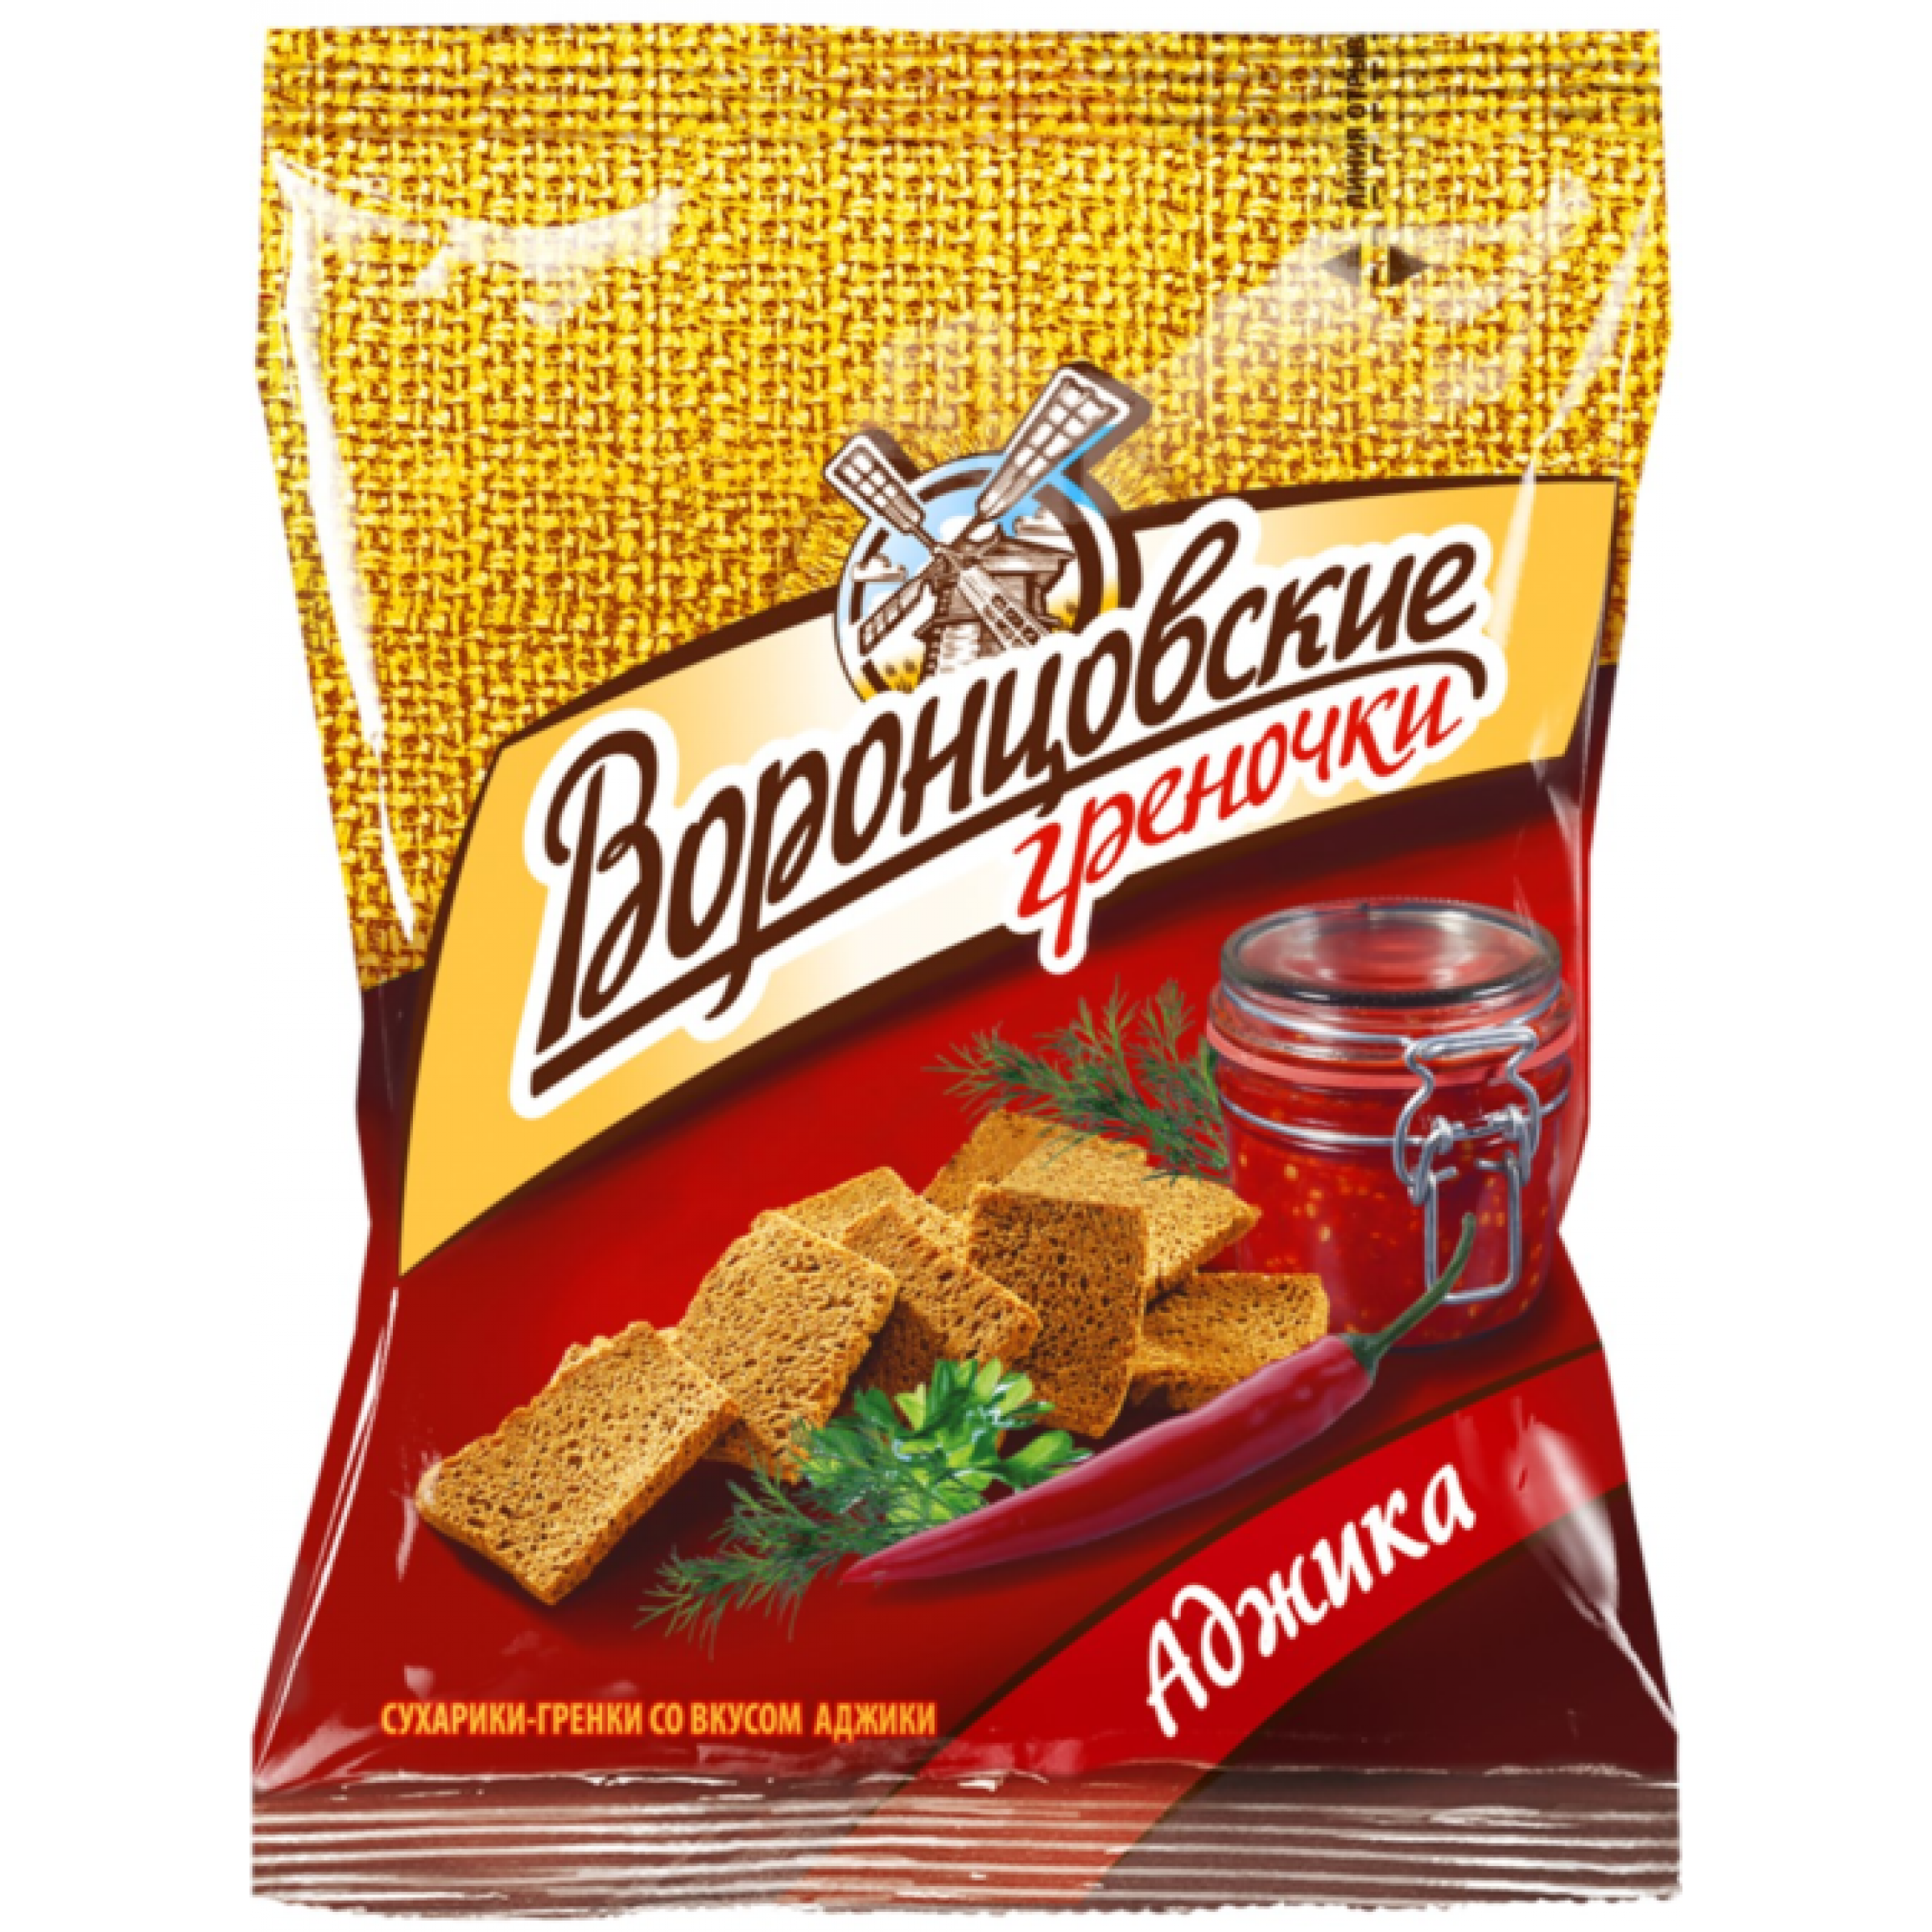 Сухарики-гренки Воронцовские ржано-пшеничные Аджика, 60 гр